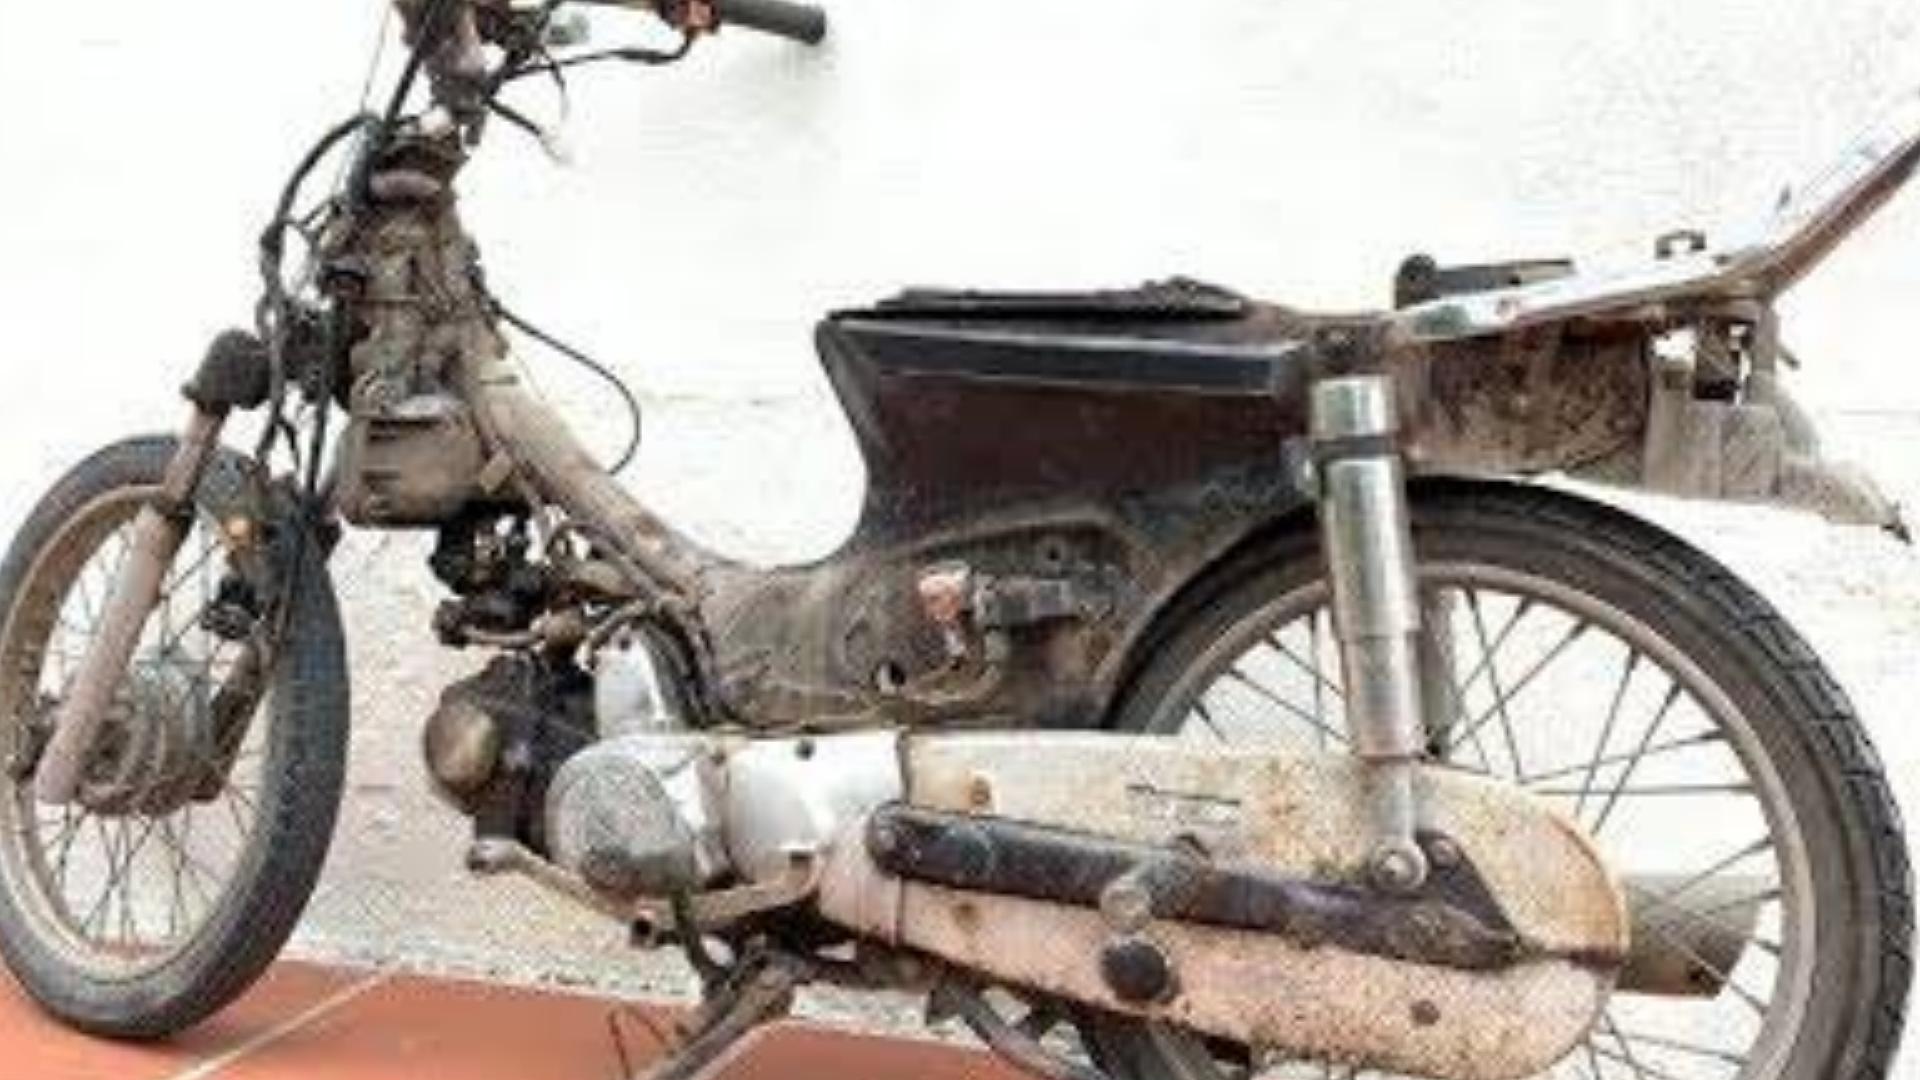 恢复旧摩托车经过多年的启动|恢复摩托车1部分